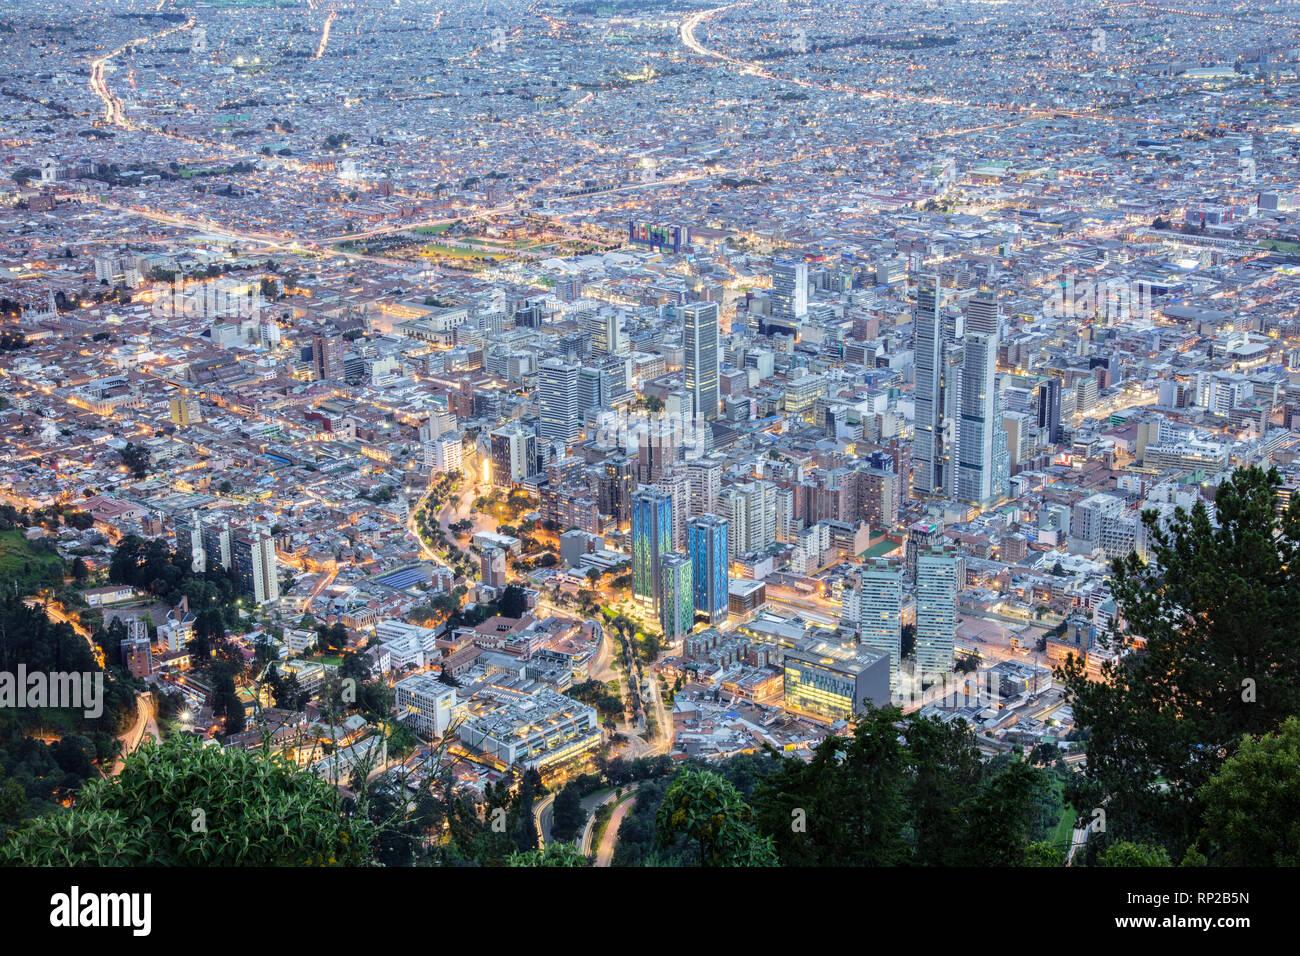 La Colombia, Bogotà, il quartiere centrale degli affari nella capitale al crepuscolo Foto Stock